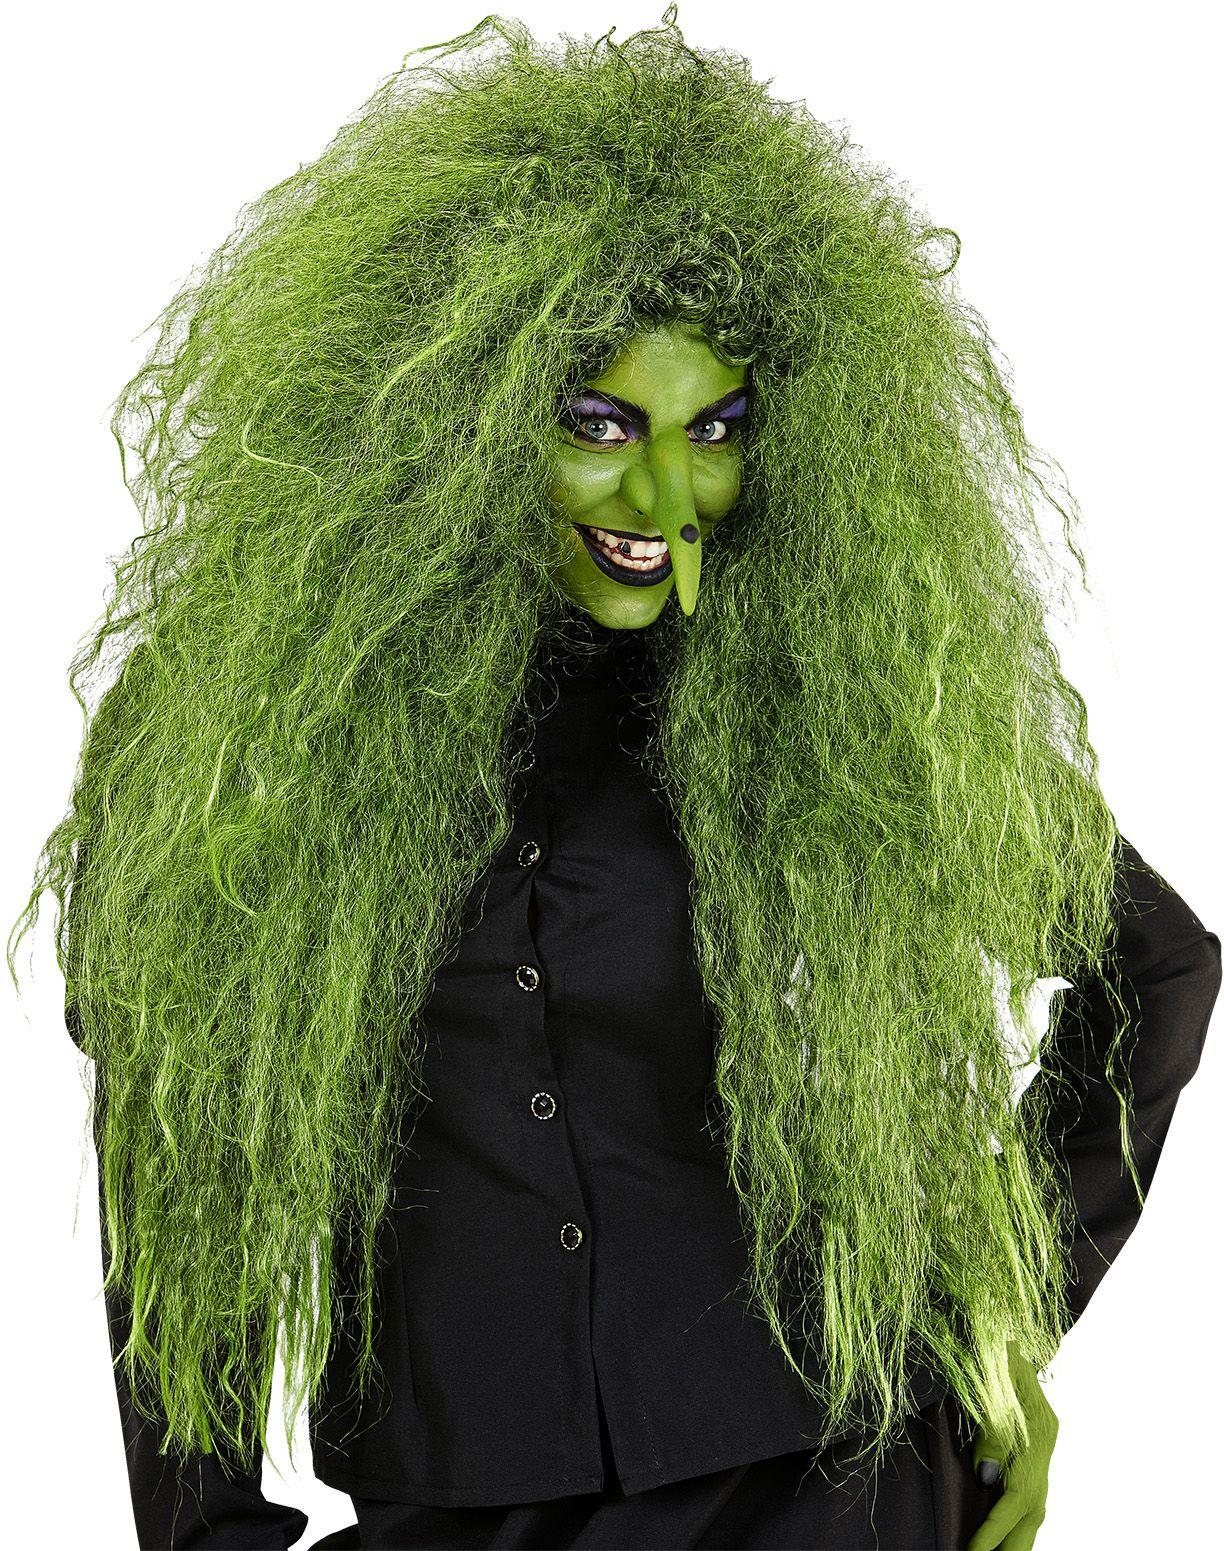 Heksen pruik groen